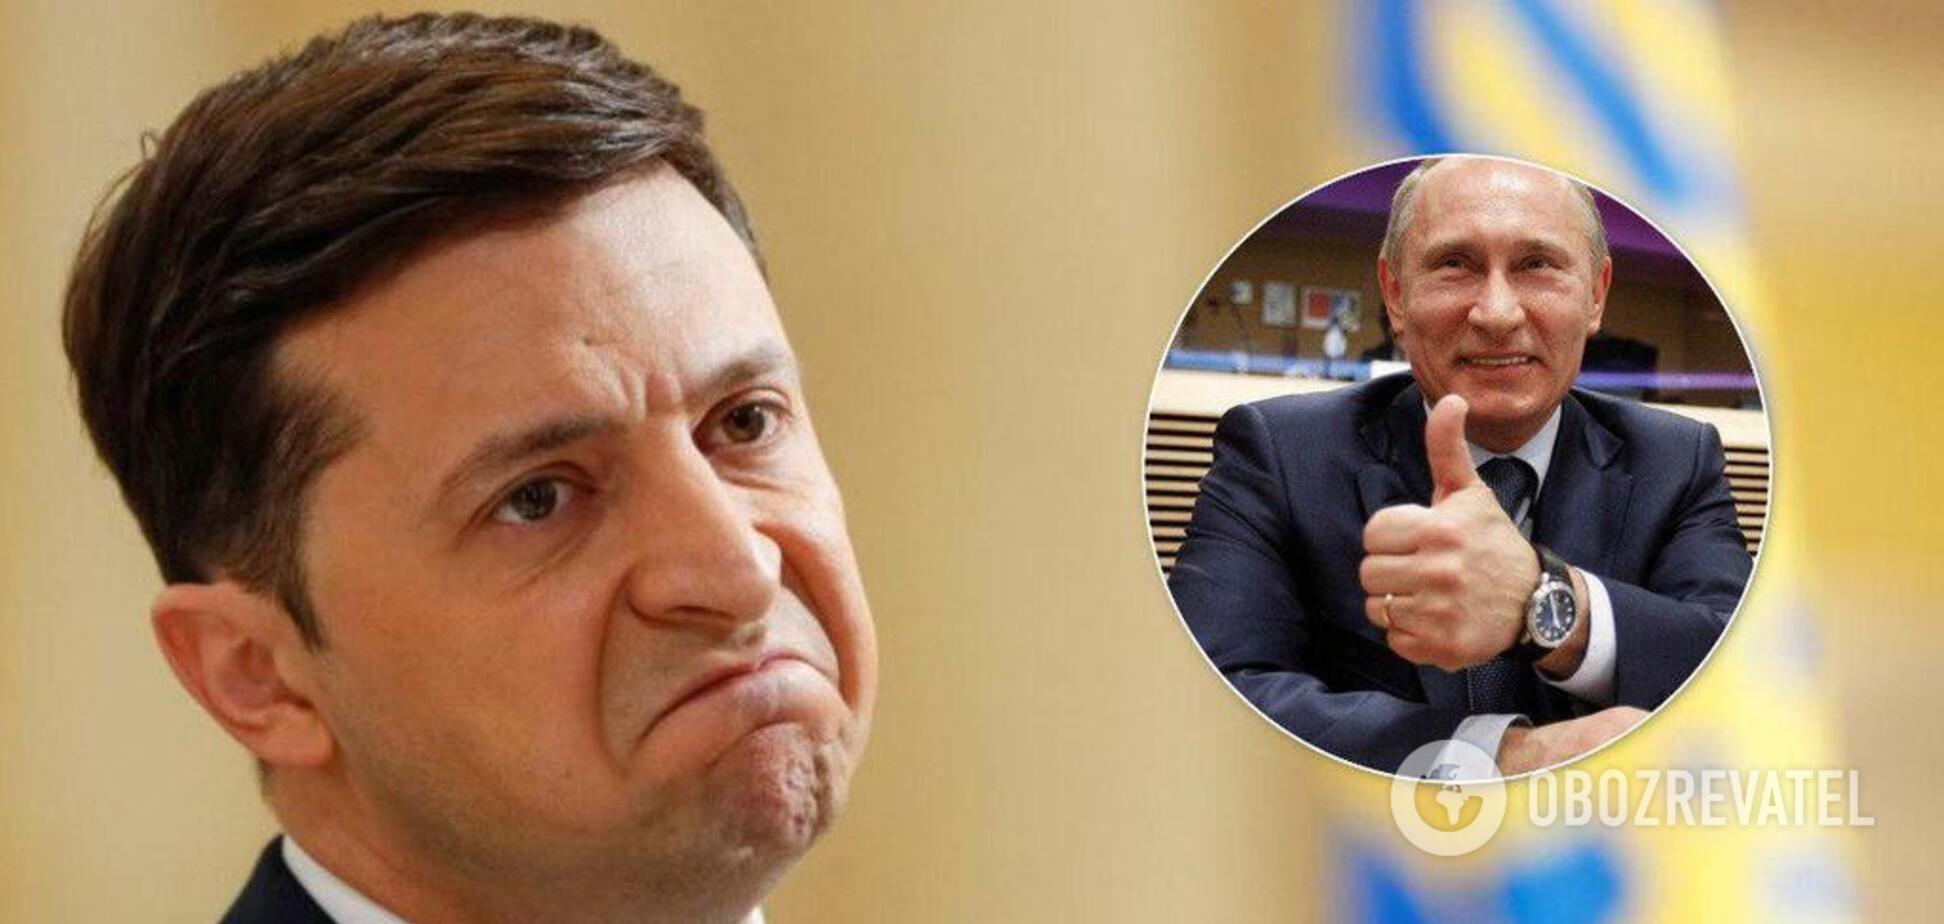 'Ублюдки!' Бирюков разгромил Зеленского за милый разговор с Путиным